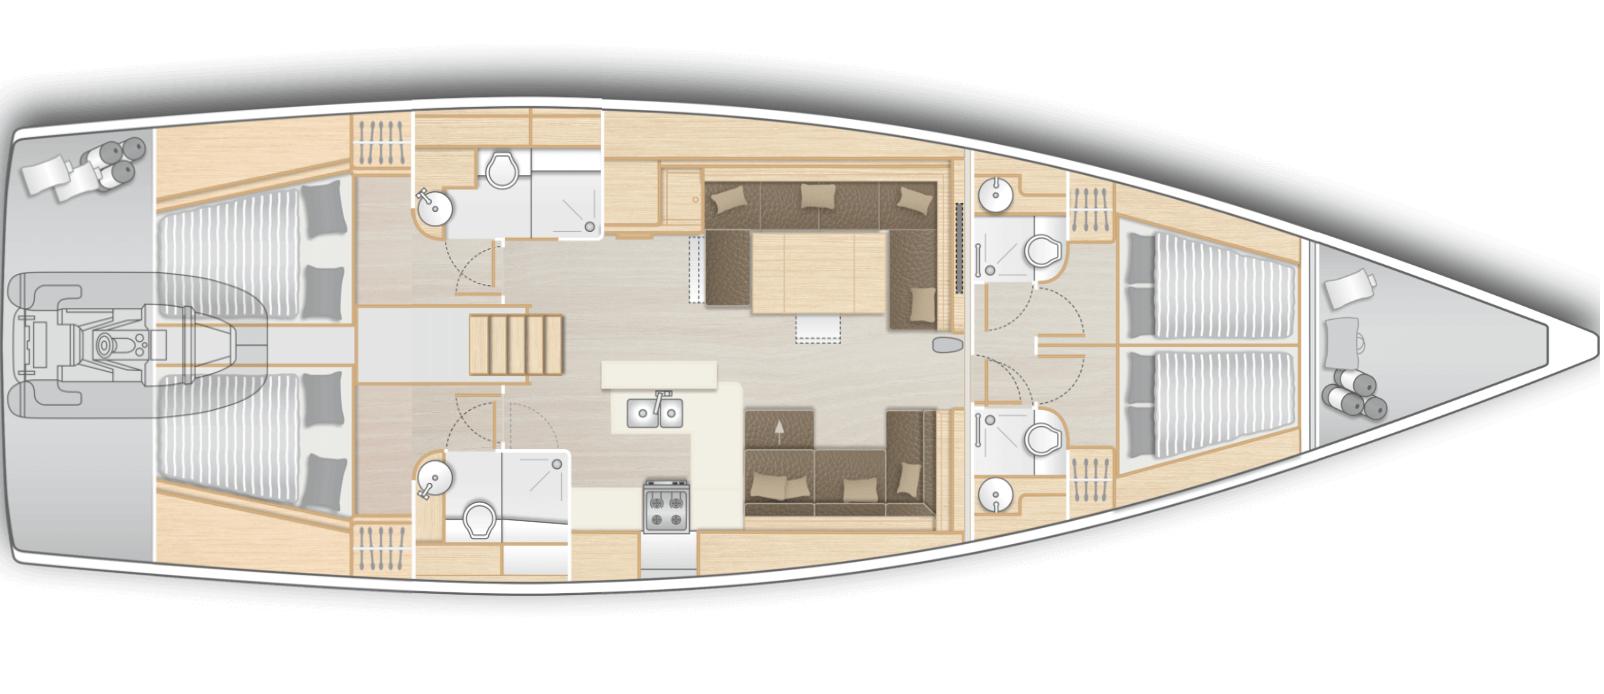 interior-velero-gama-superior-velero-alquiler-croacia-4-camarotes